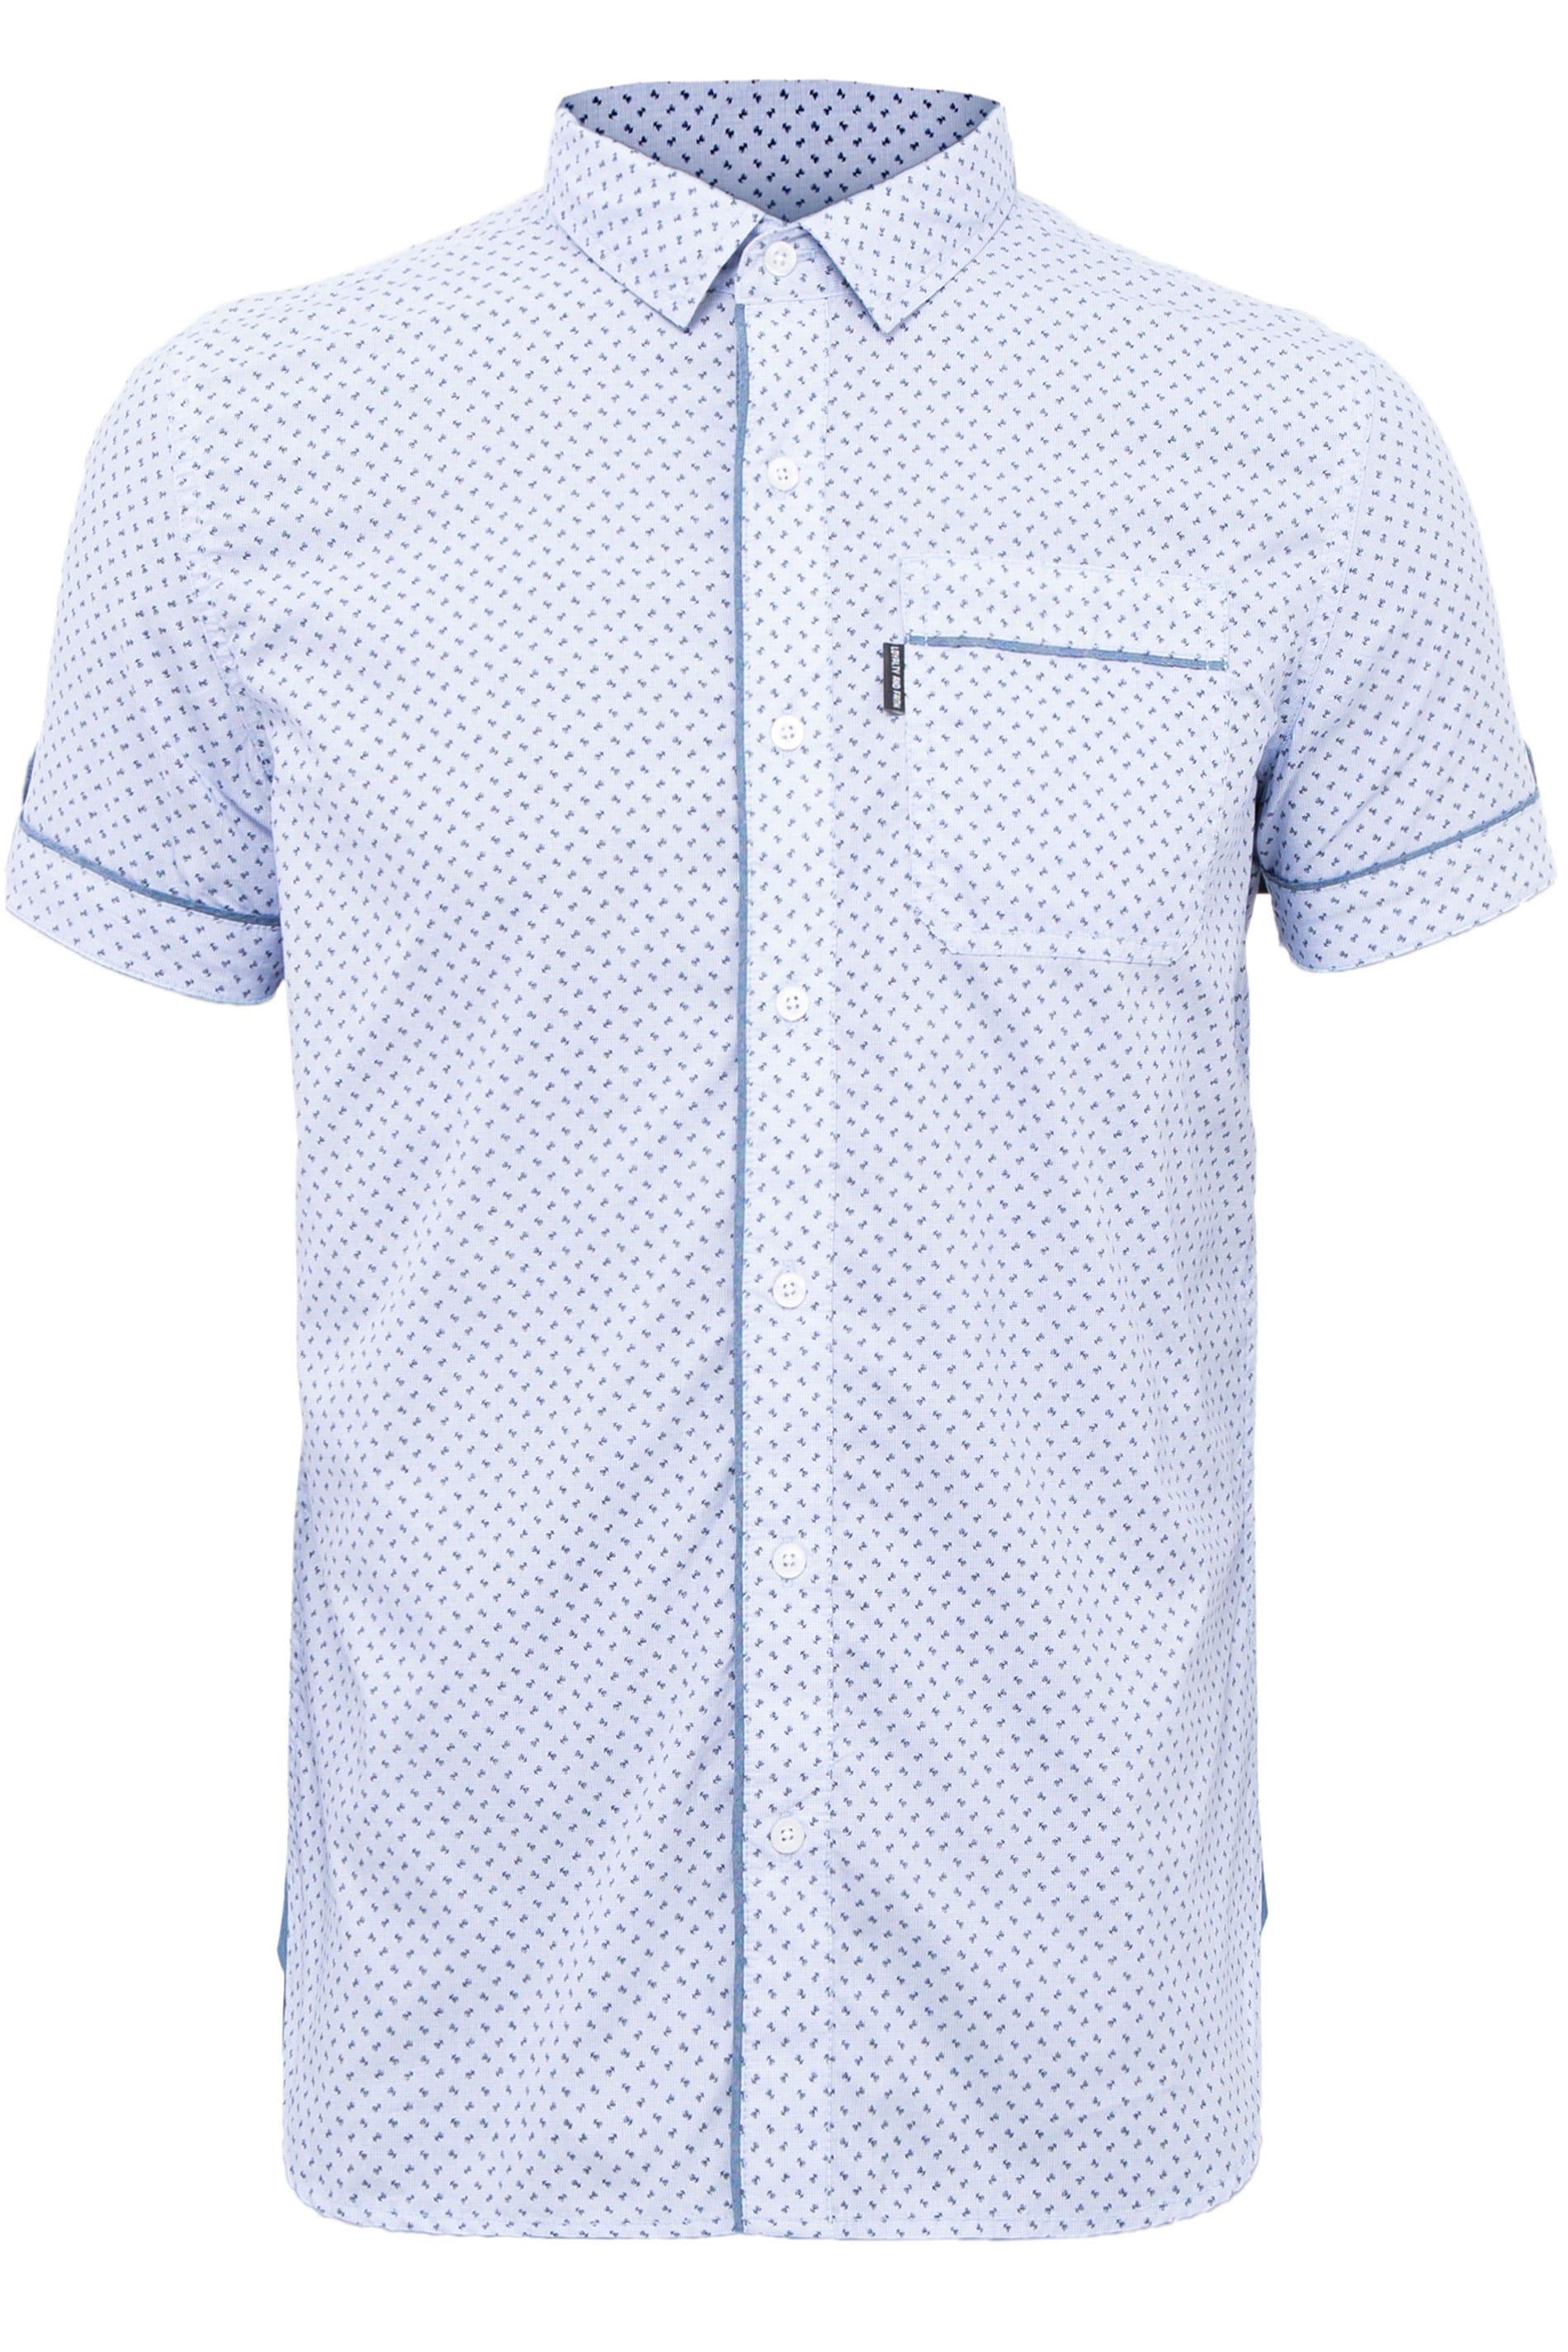 LOYALTY & FAITH Light Blue Printed Shirt